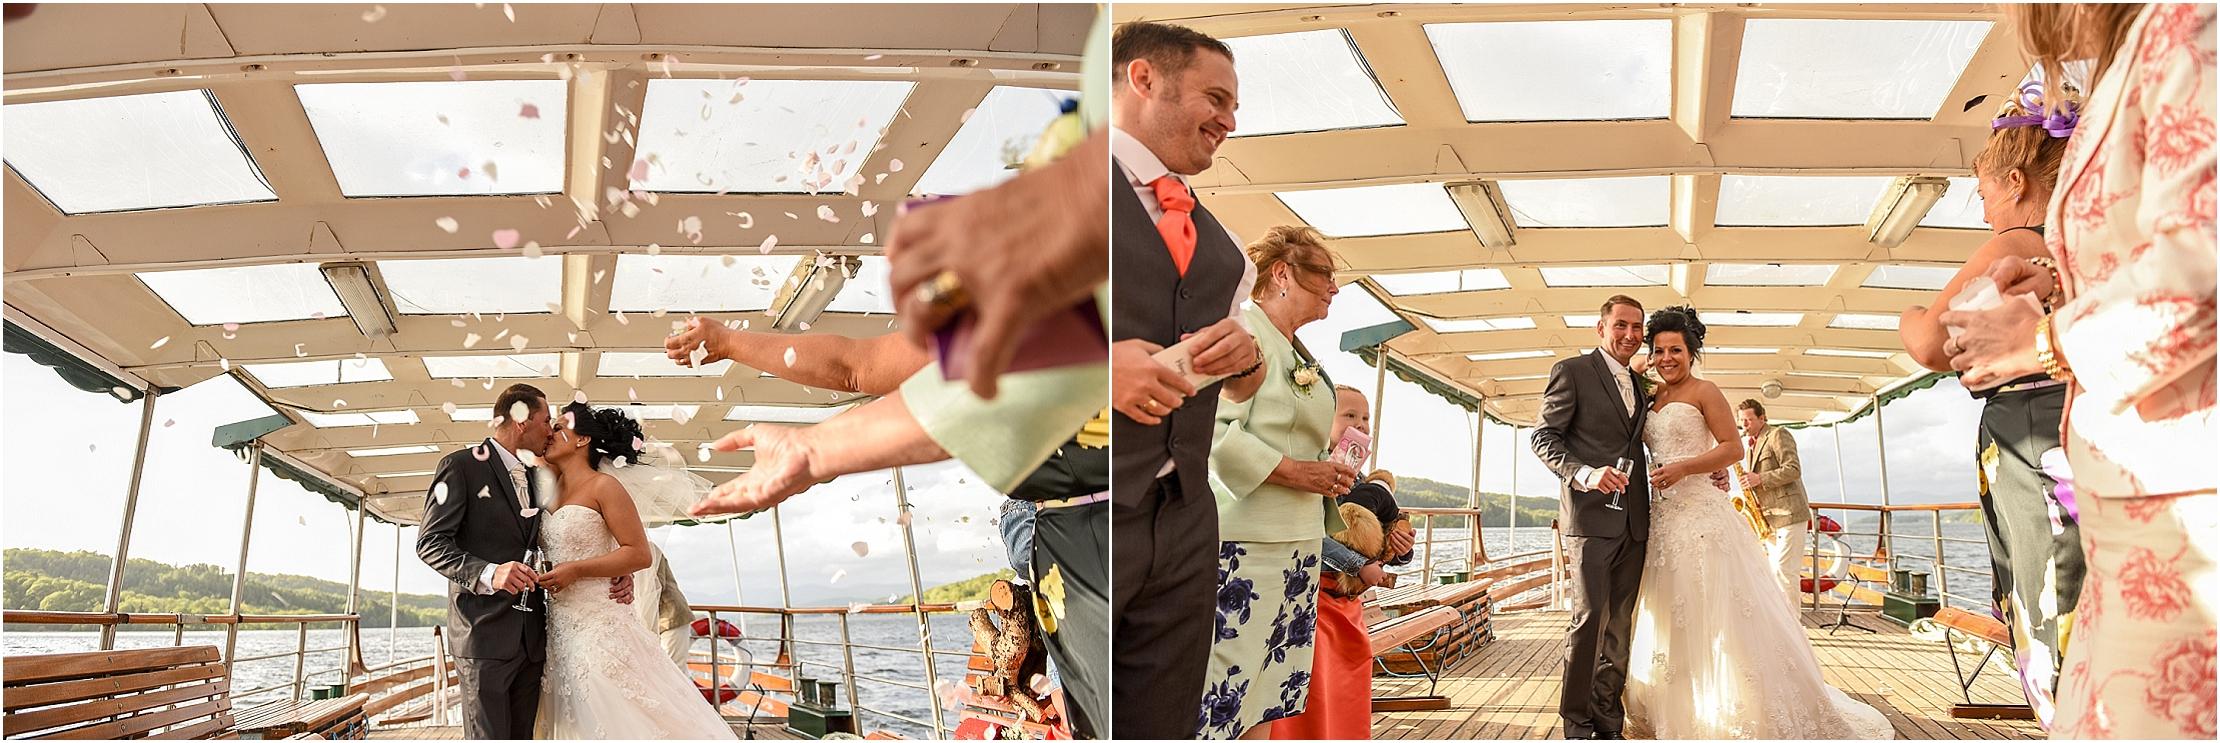 lakeside-hotel-lake-district-wedding - 080.jpg